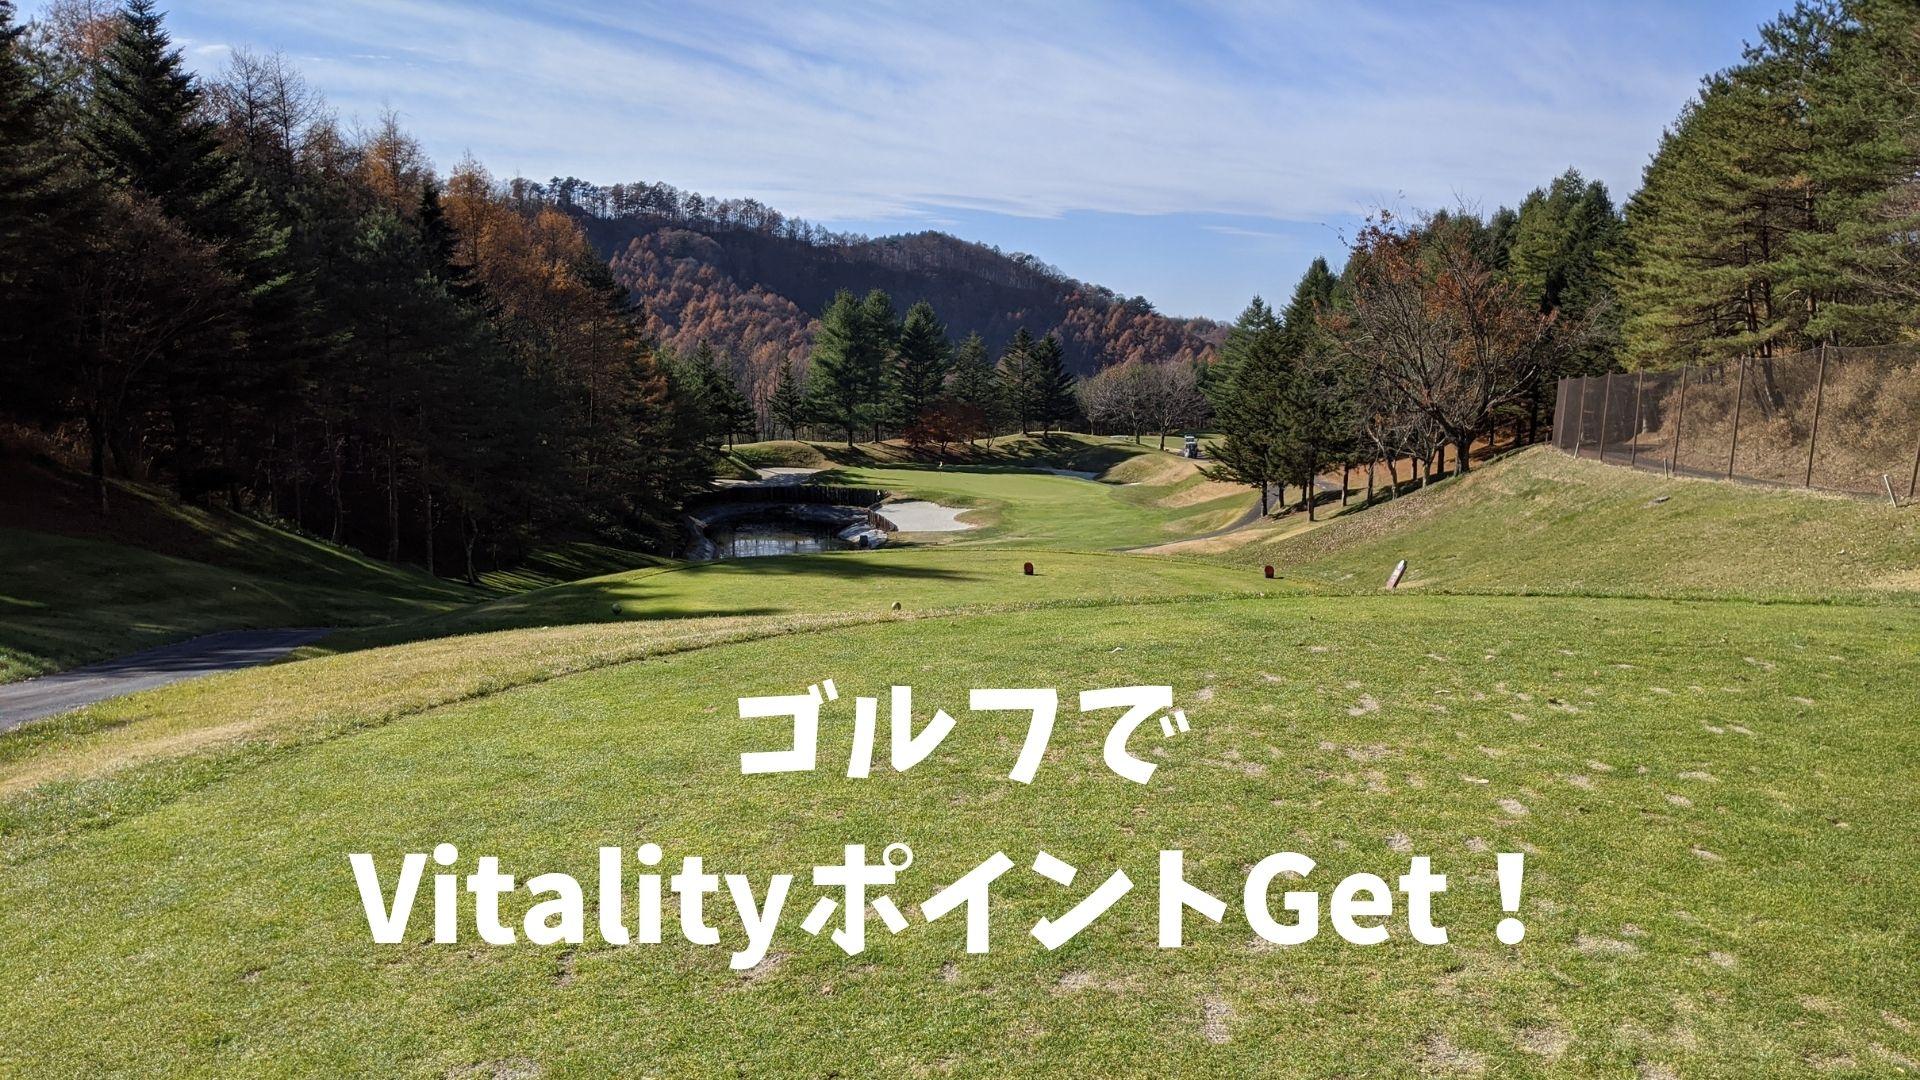 ゴルフで VitalityポイントGet!